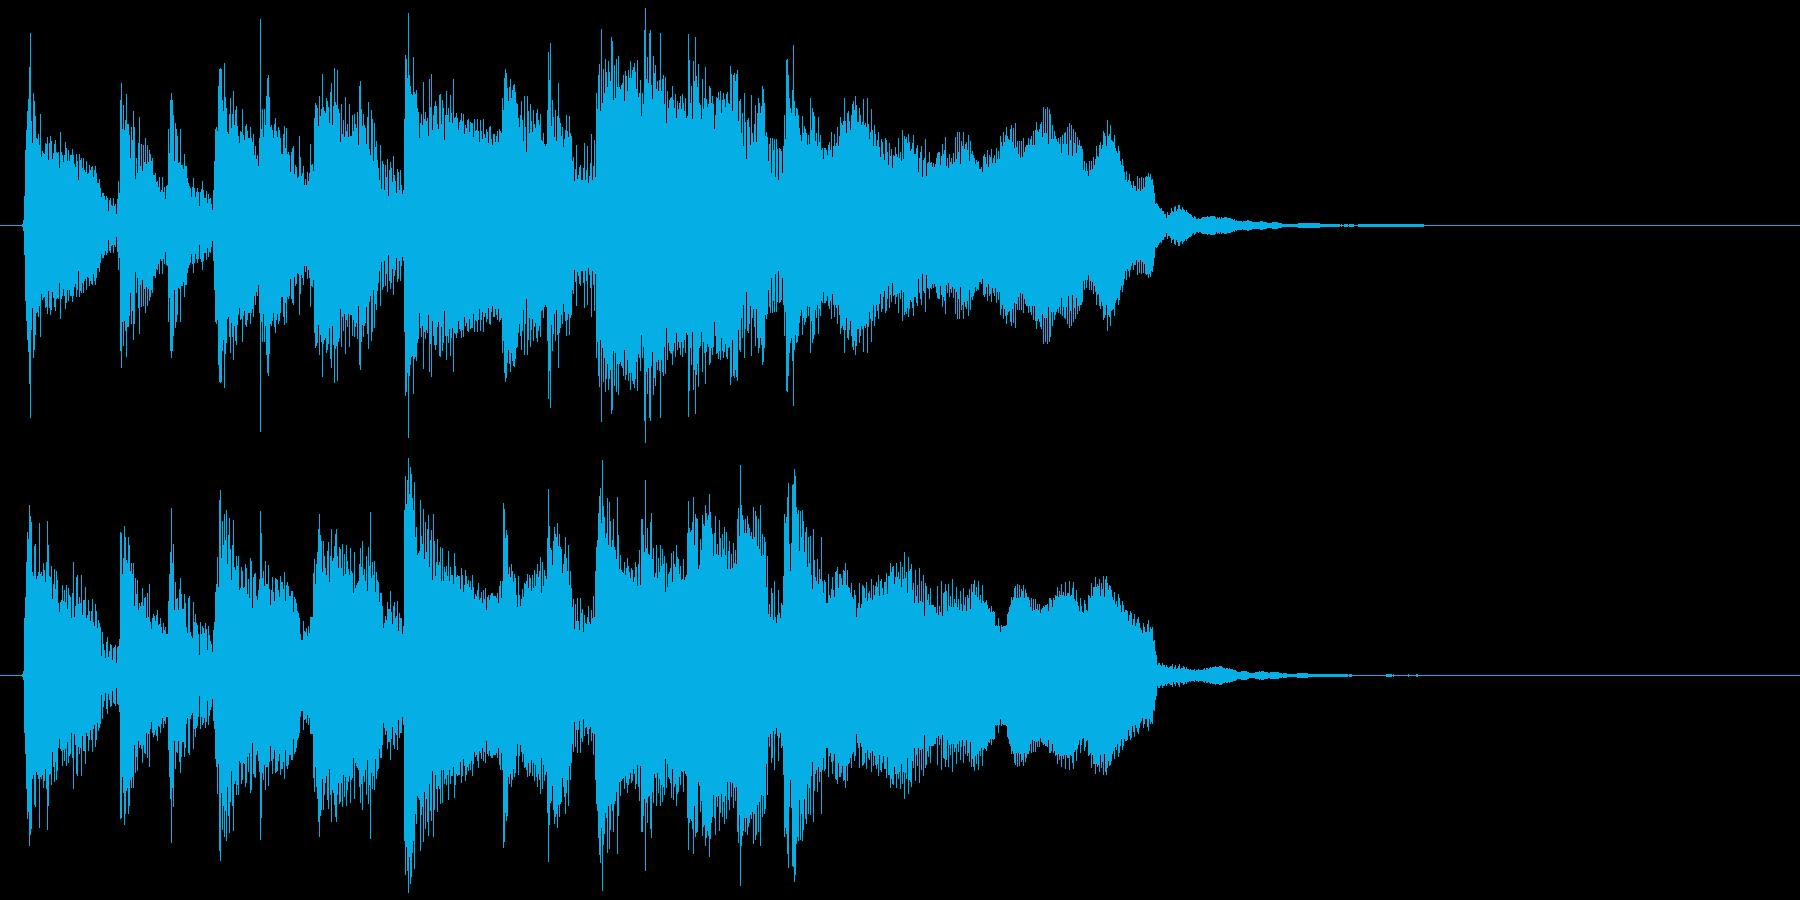 リコーダー&ピアノの軽快なサウンドロゴの再生済みの波形